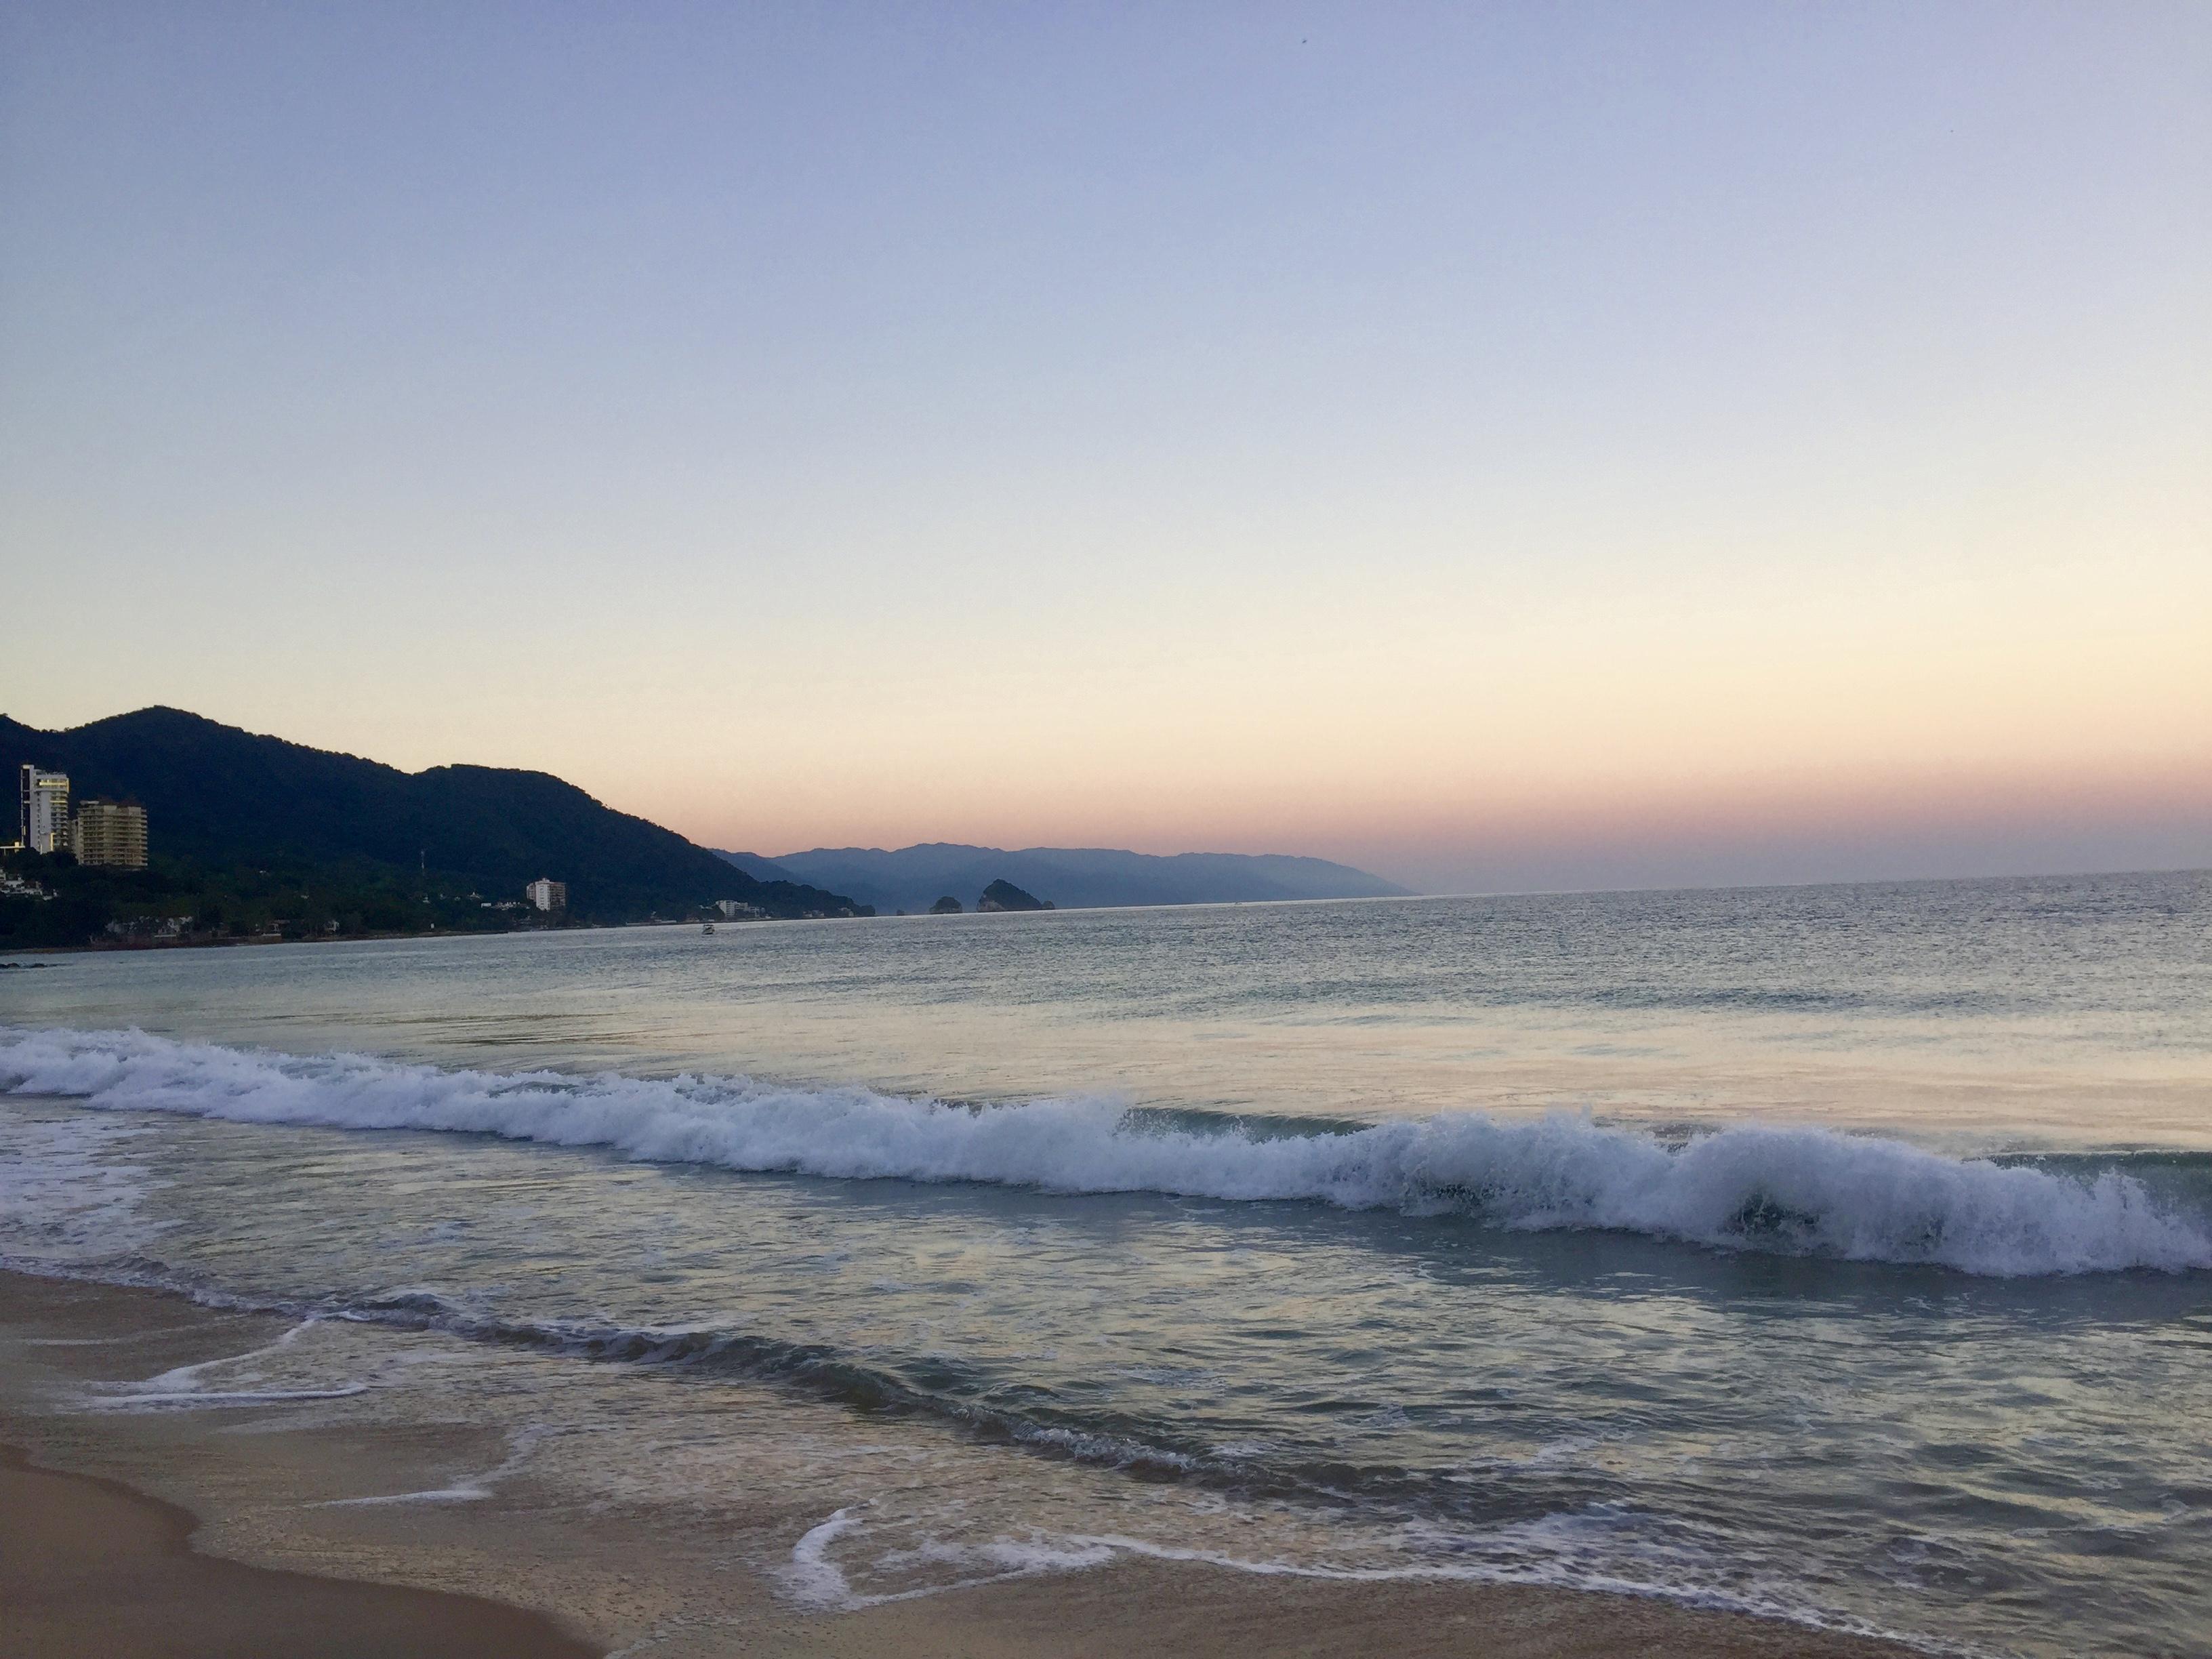 mexique, voyage, plage